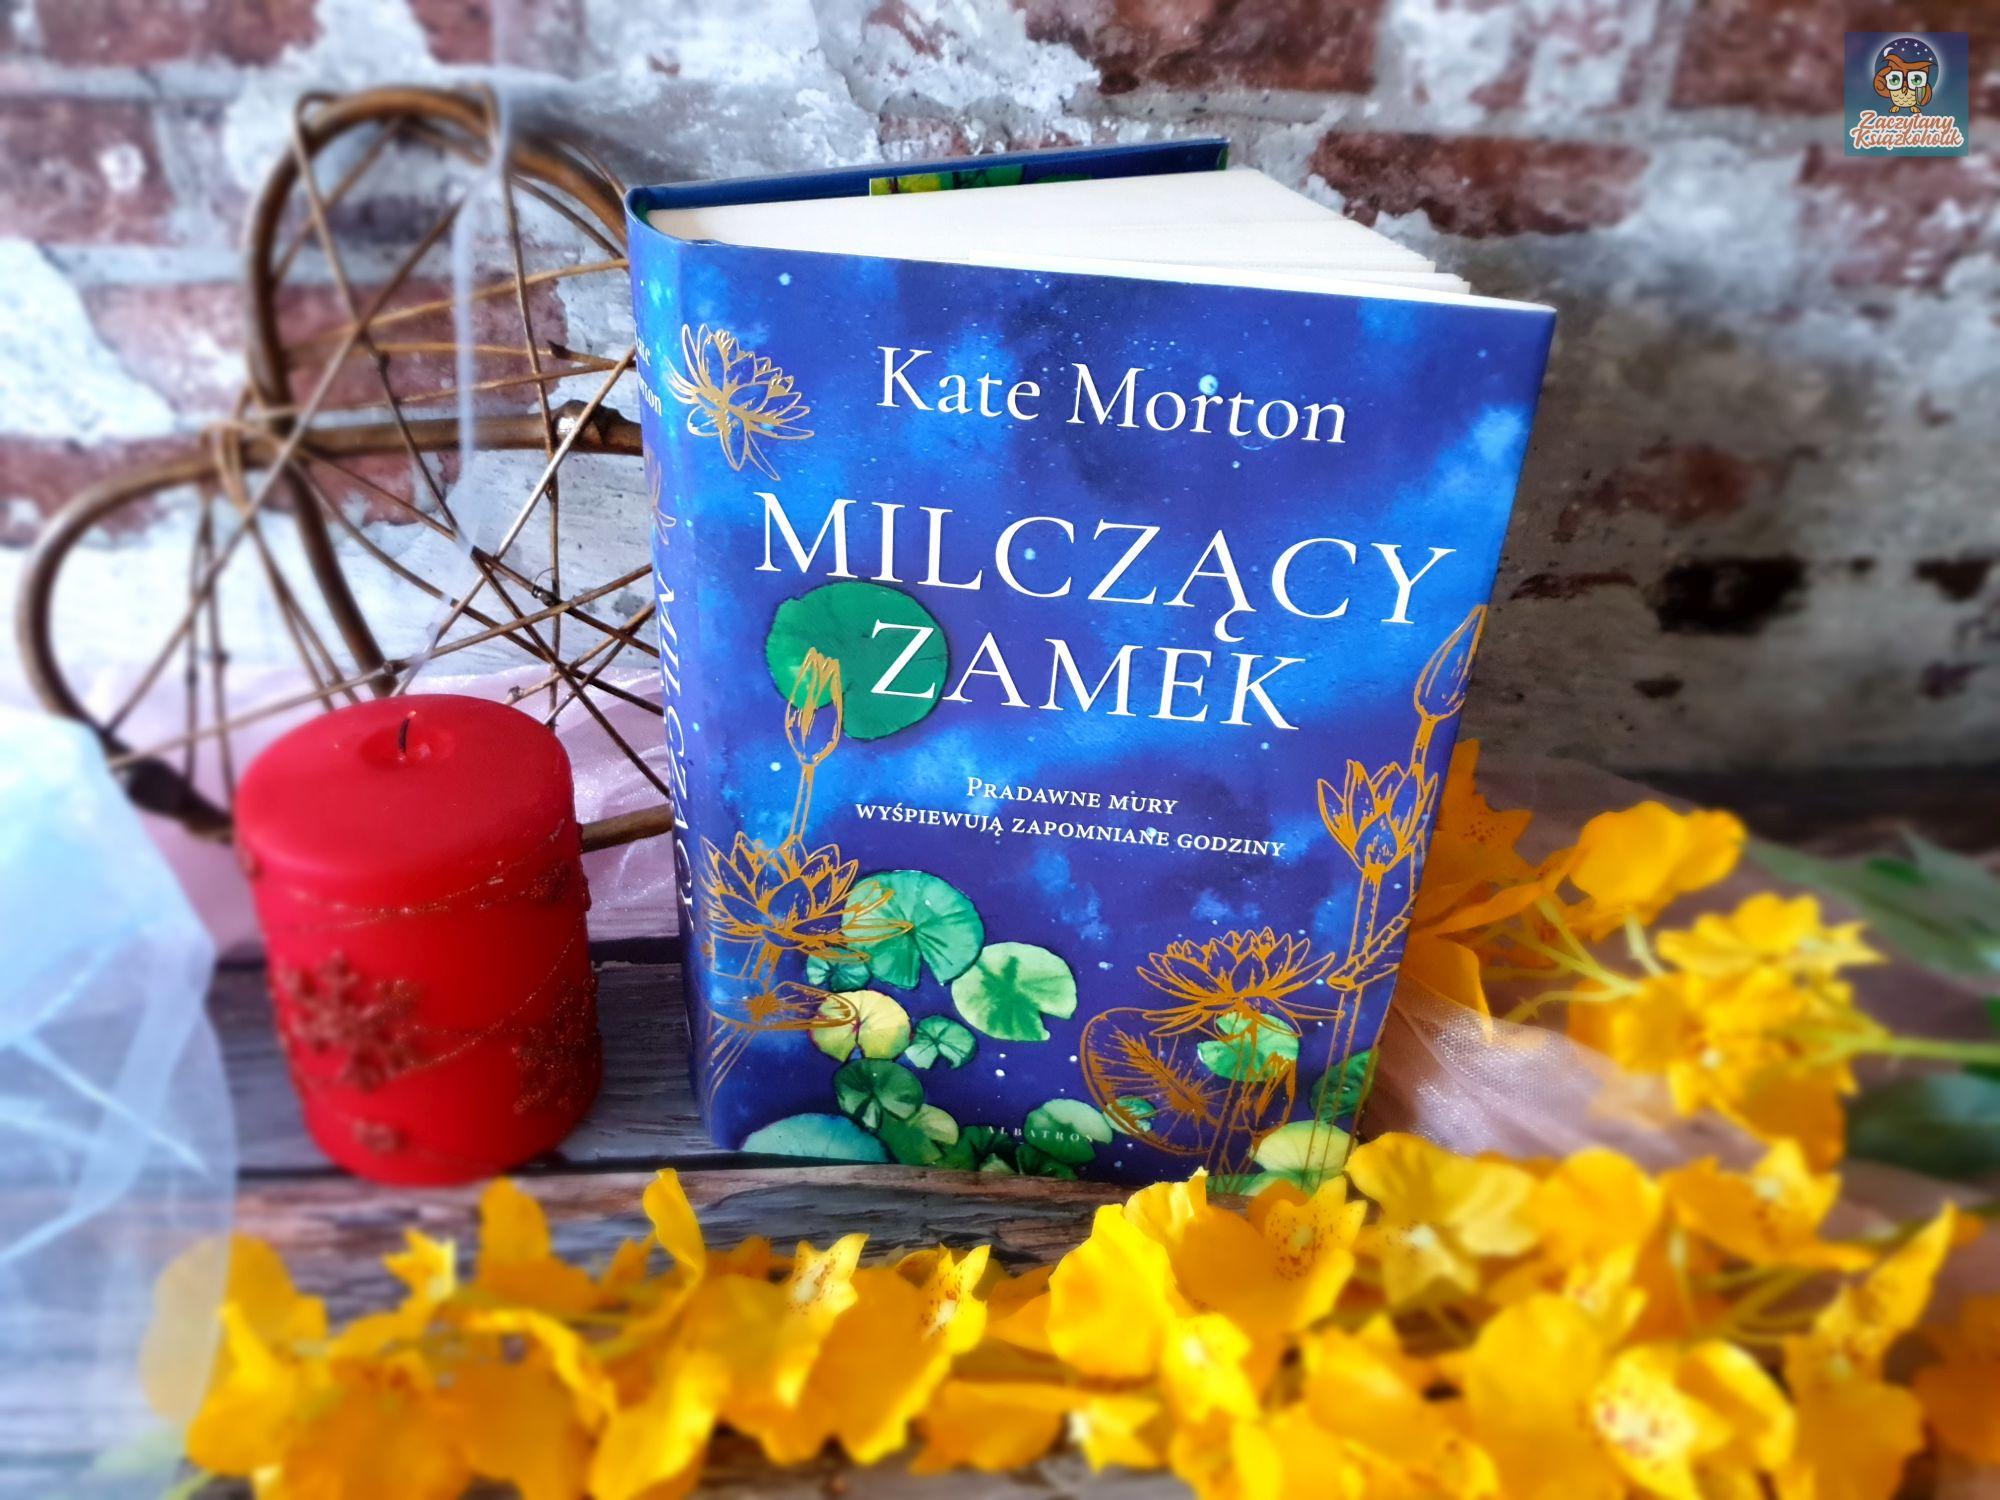 Milczący zamek, Kate Morton, zaczytanyksiazkoholik.pl